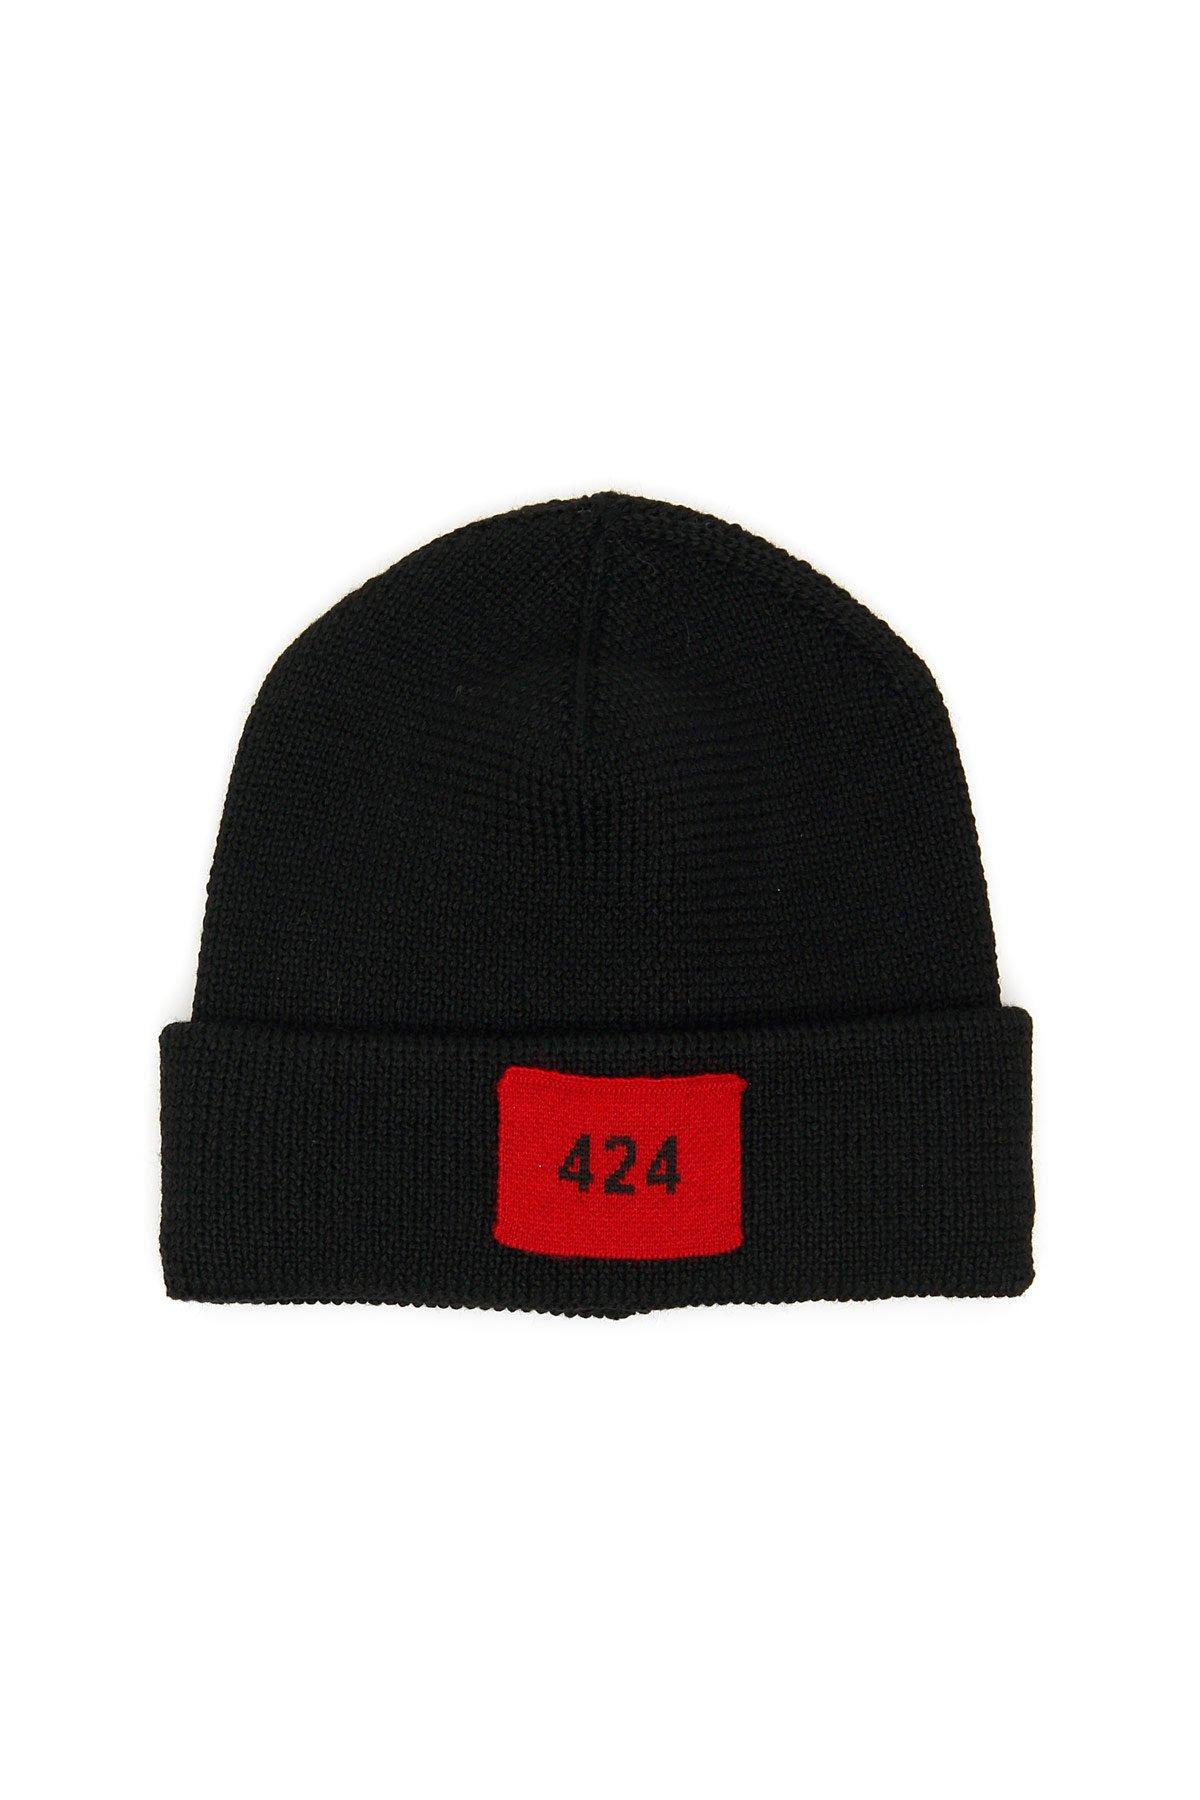 424 cappello tricot 424